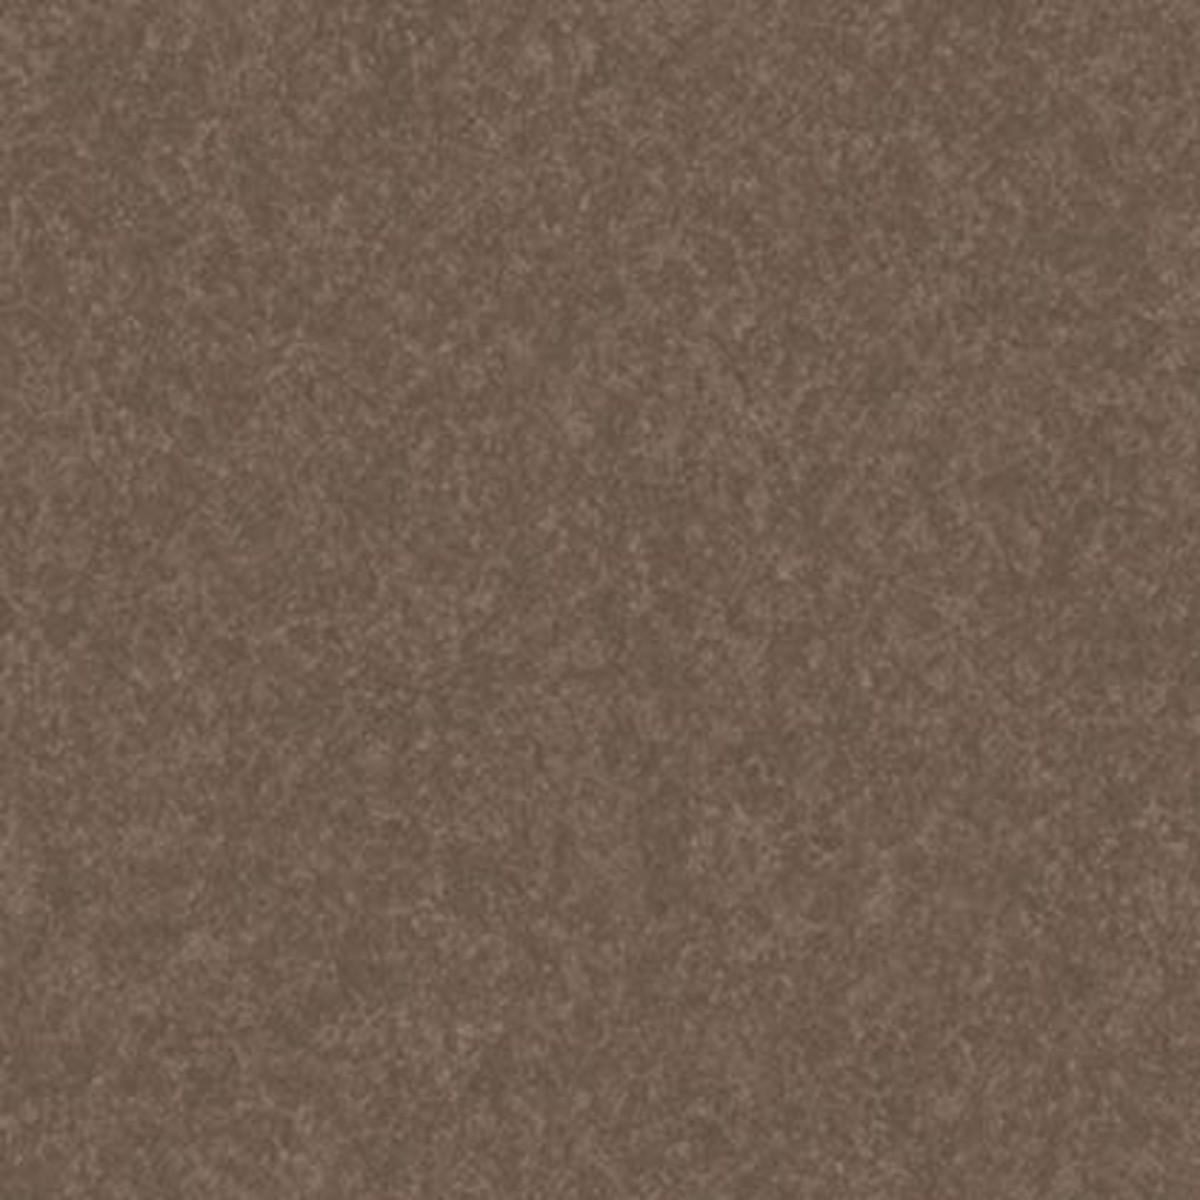 Обои виниловые Gaenari коричневые 1.06 м 97422-8